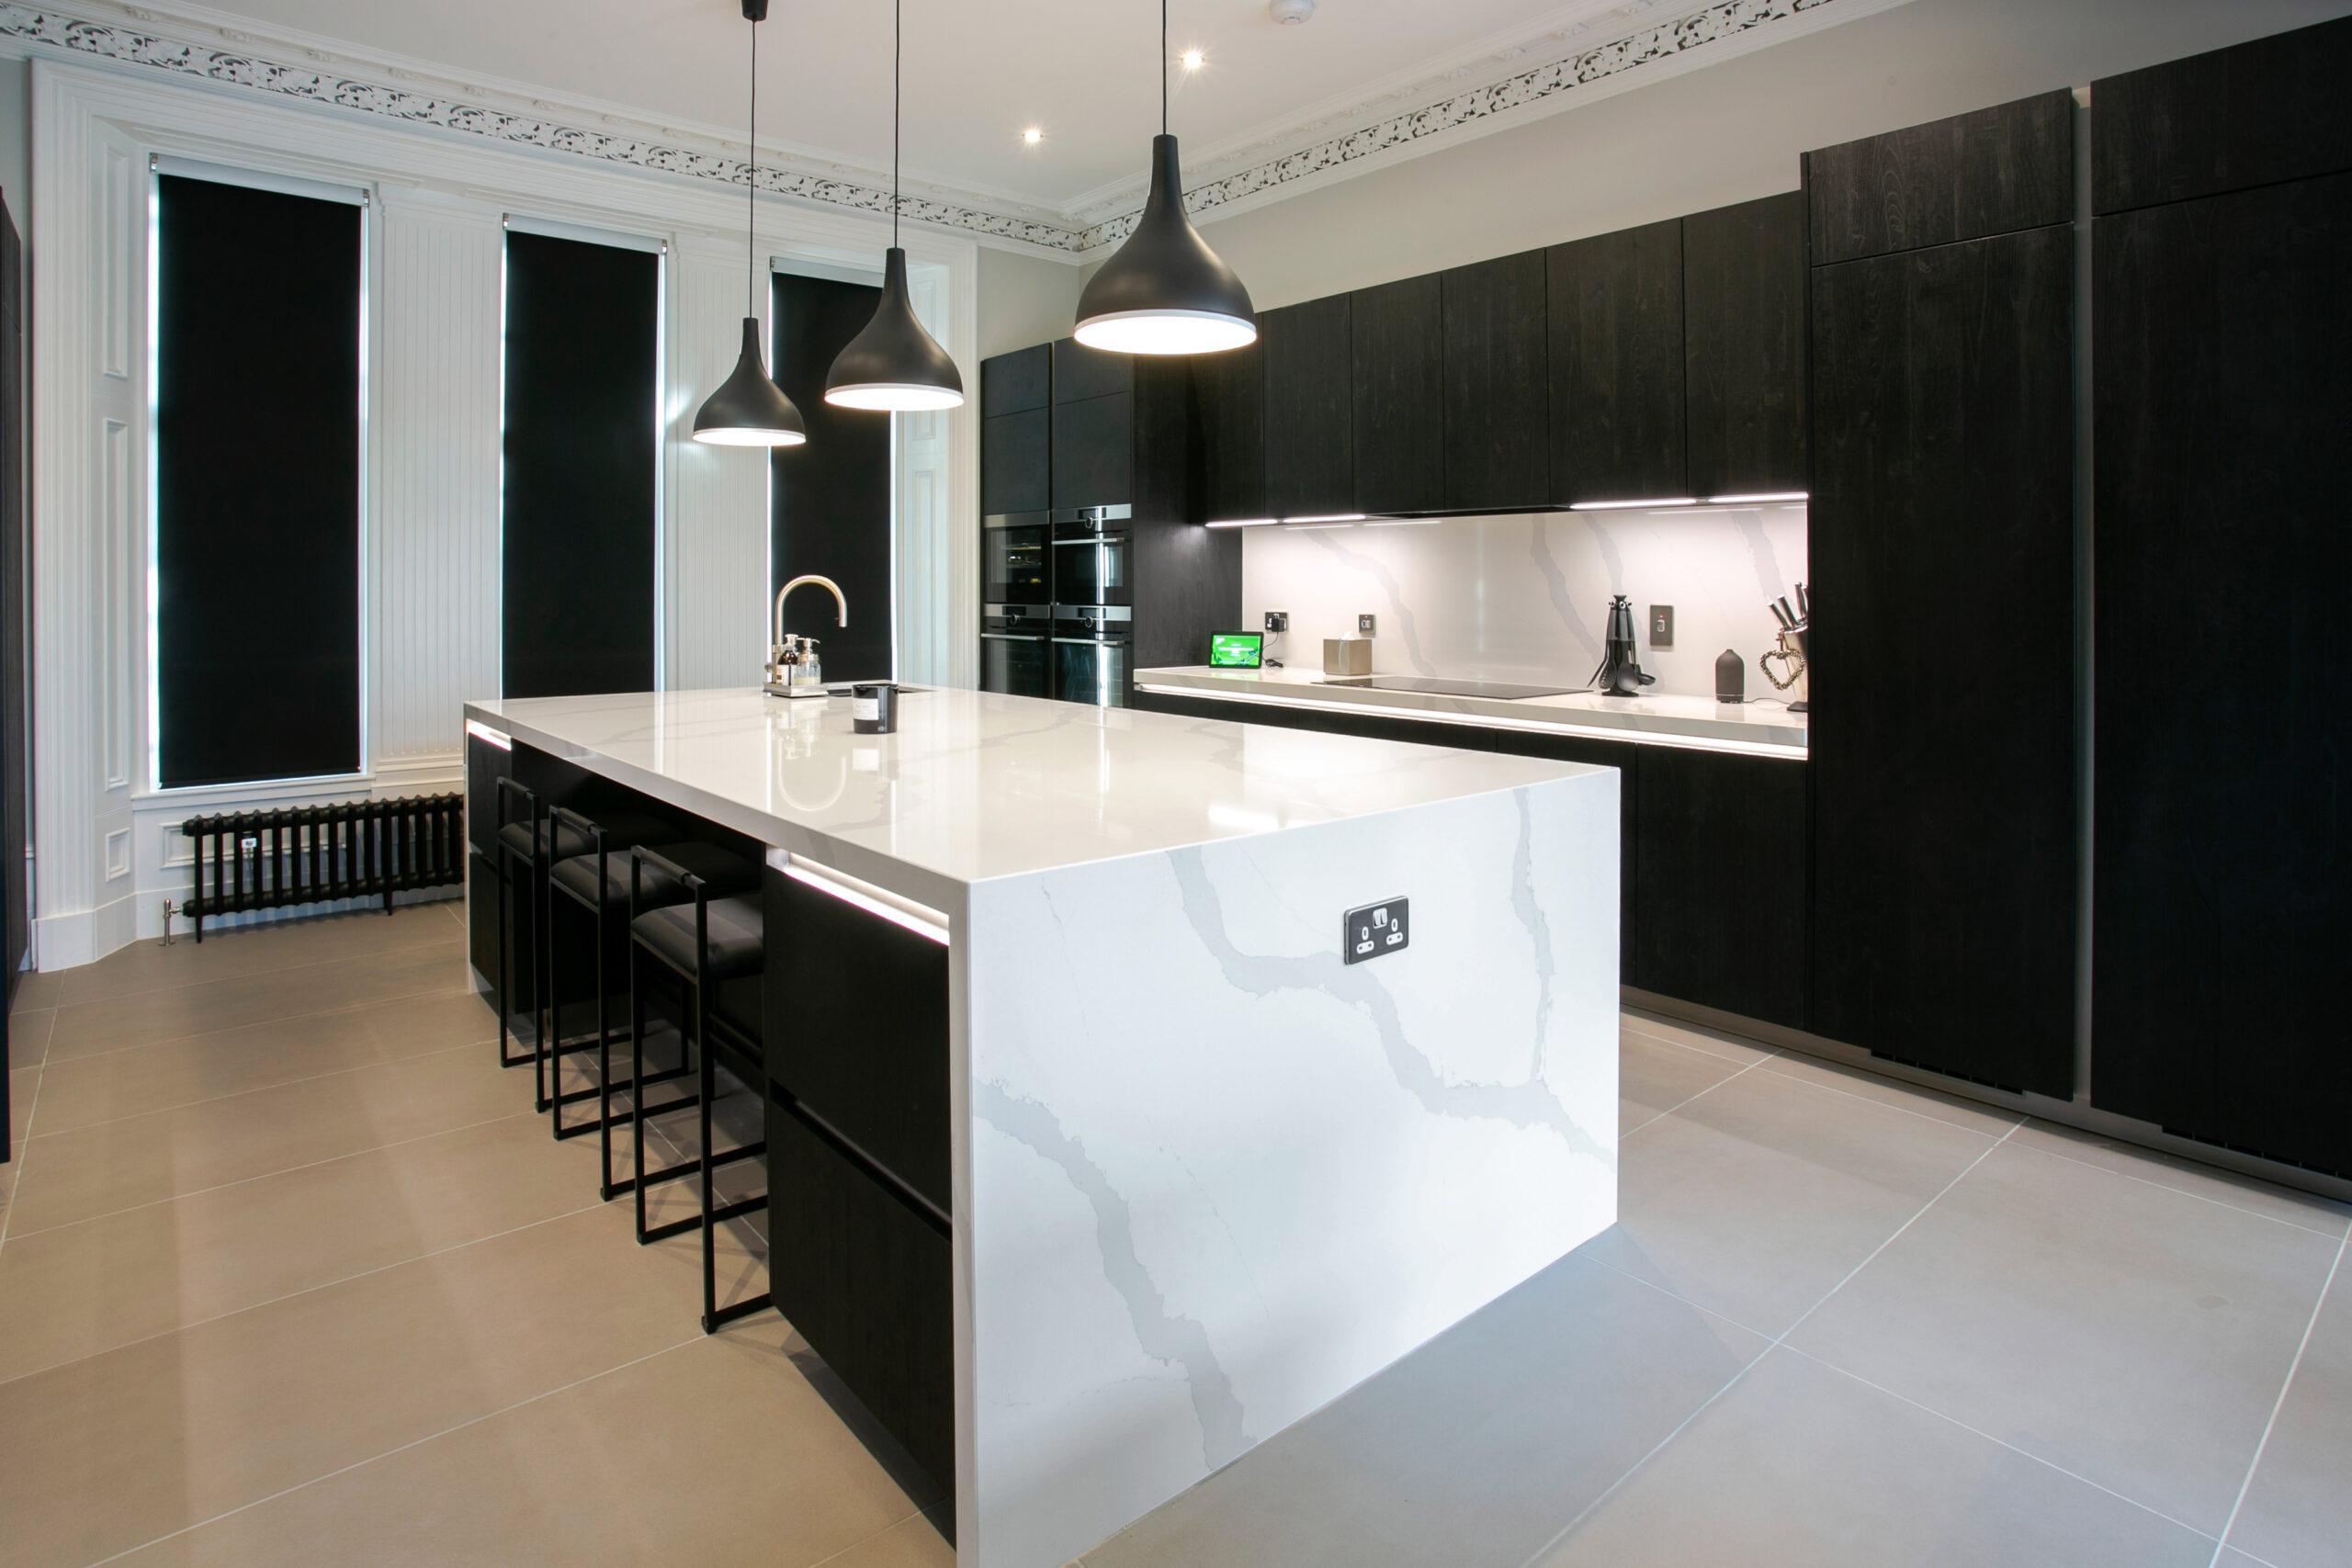 _Rotpunkt Kitchen by John Willox Kitchen Design_HR2